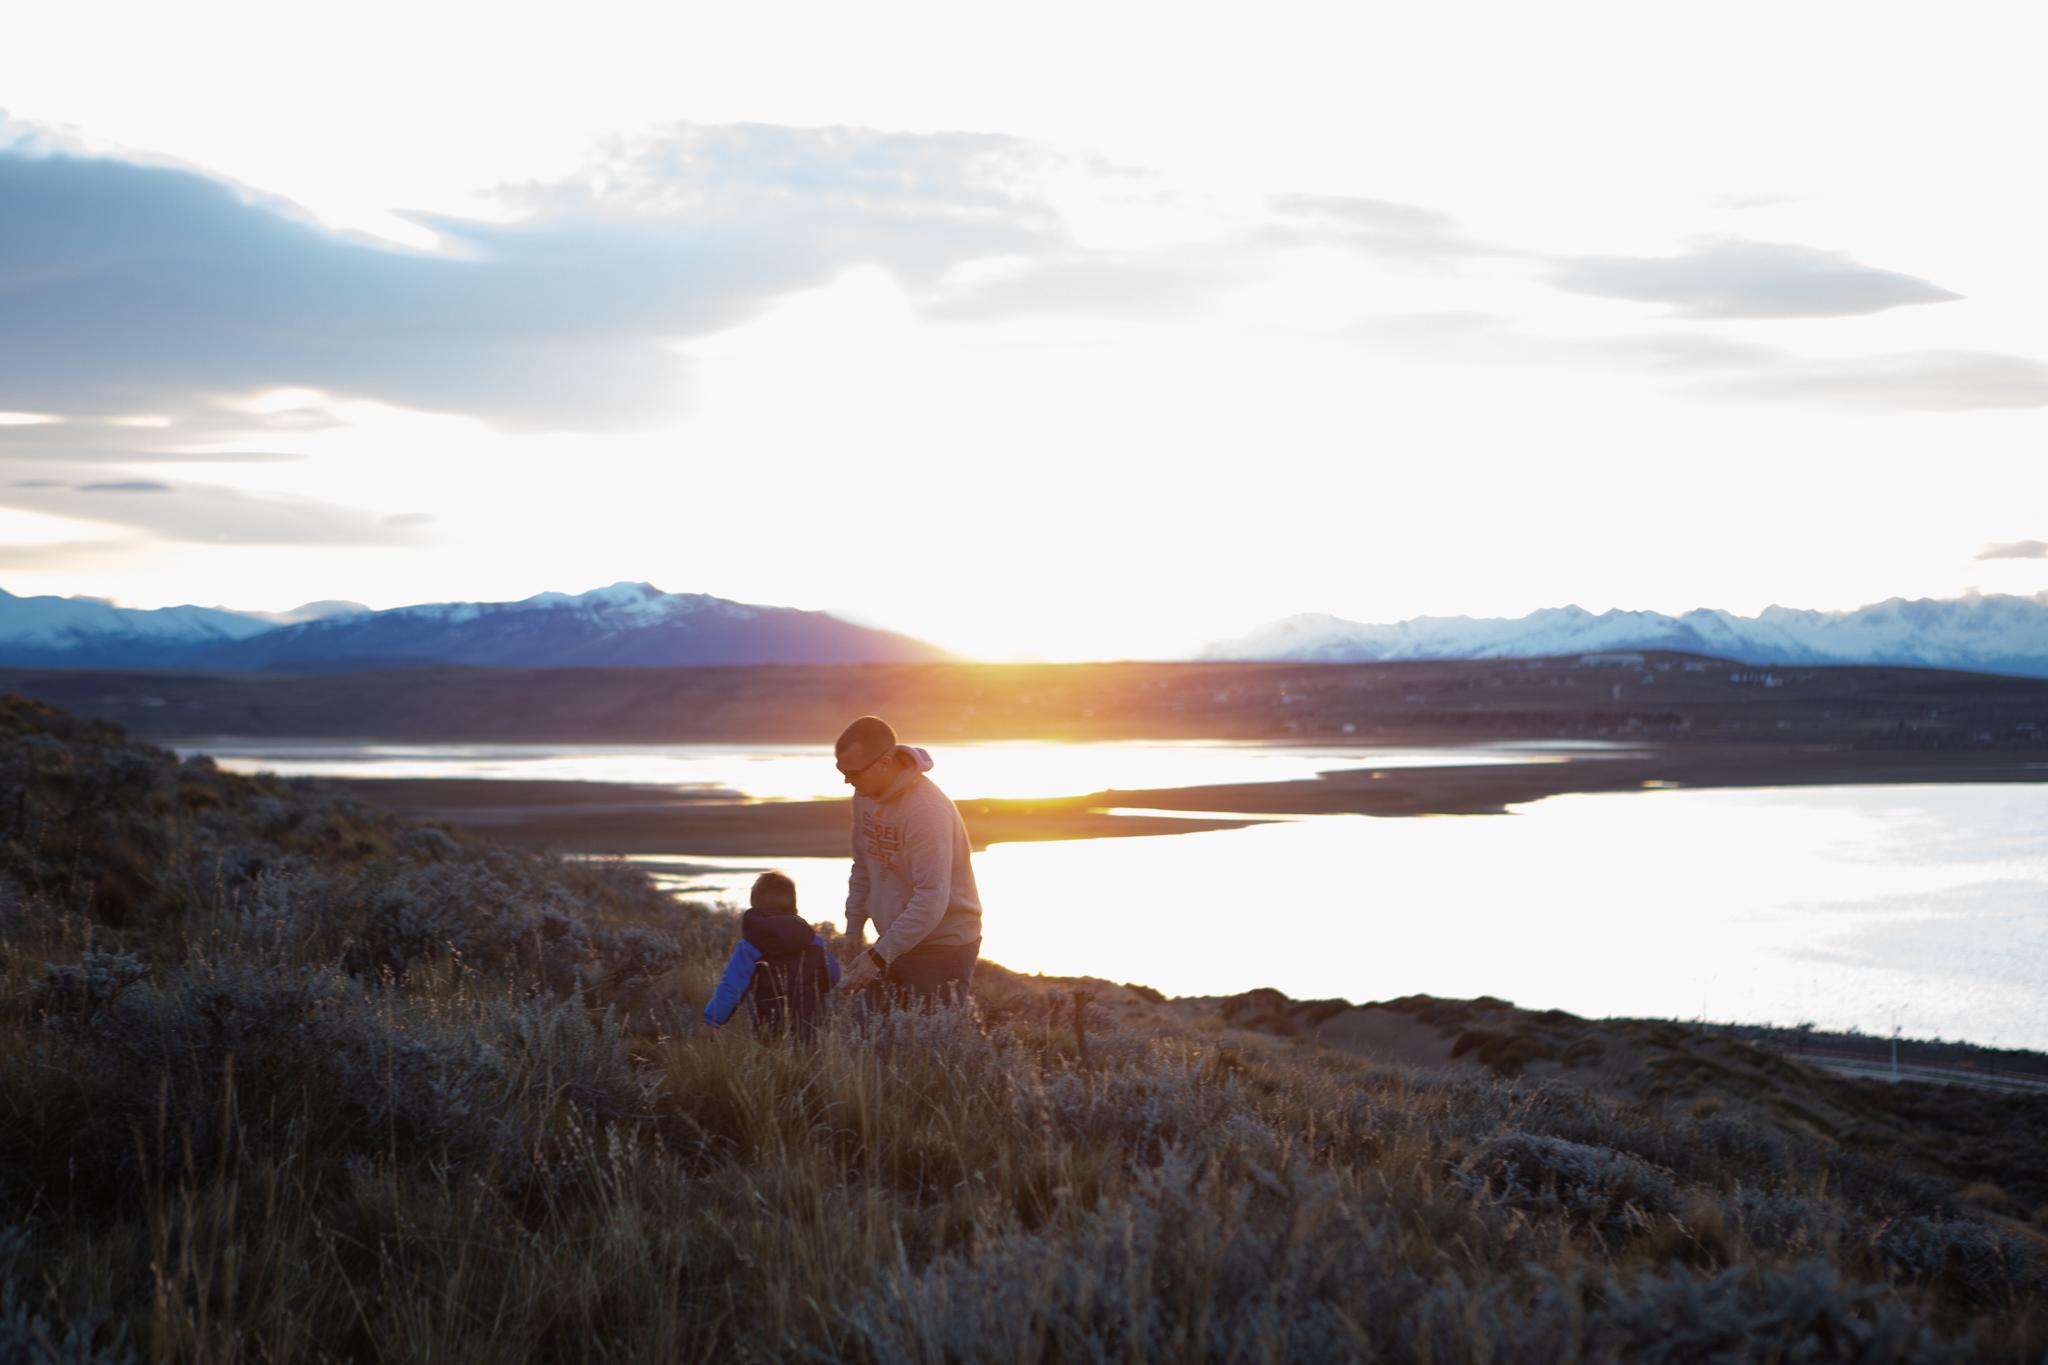 El Calafate, El Chalten, Perito Moreno, Parque Nacional Los Glaciares, Argentina, Buenos Aires-44.jpg